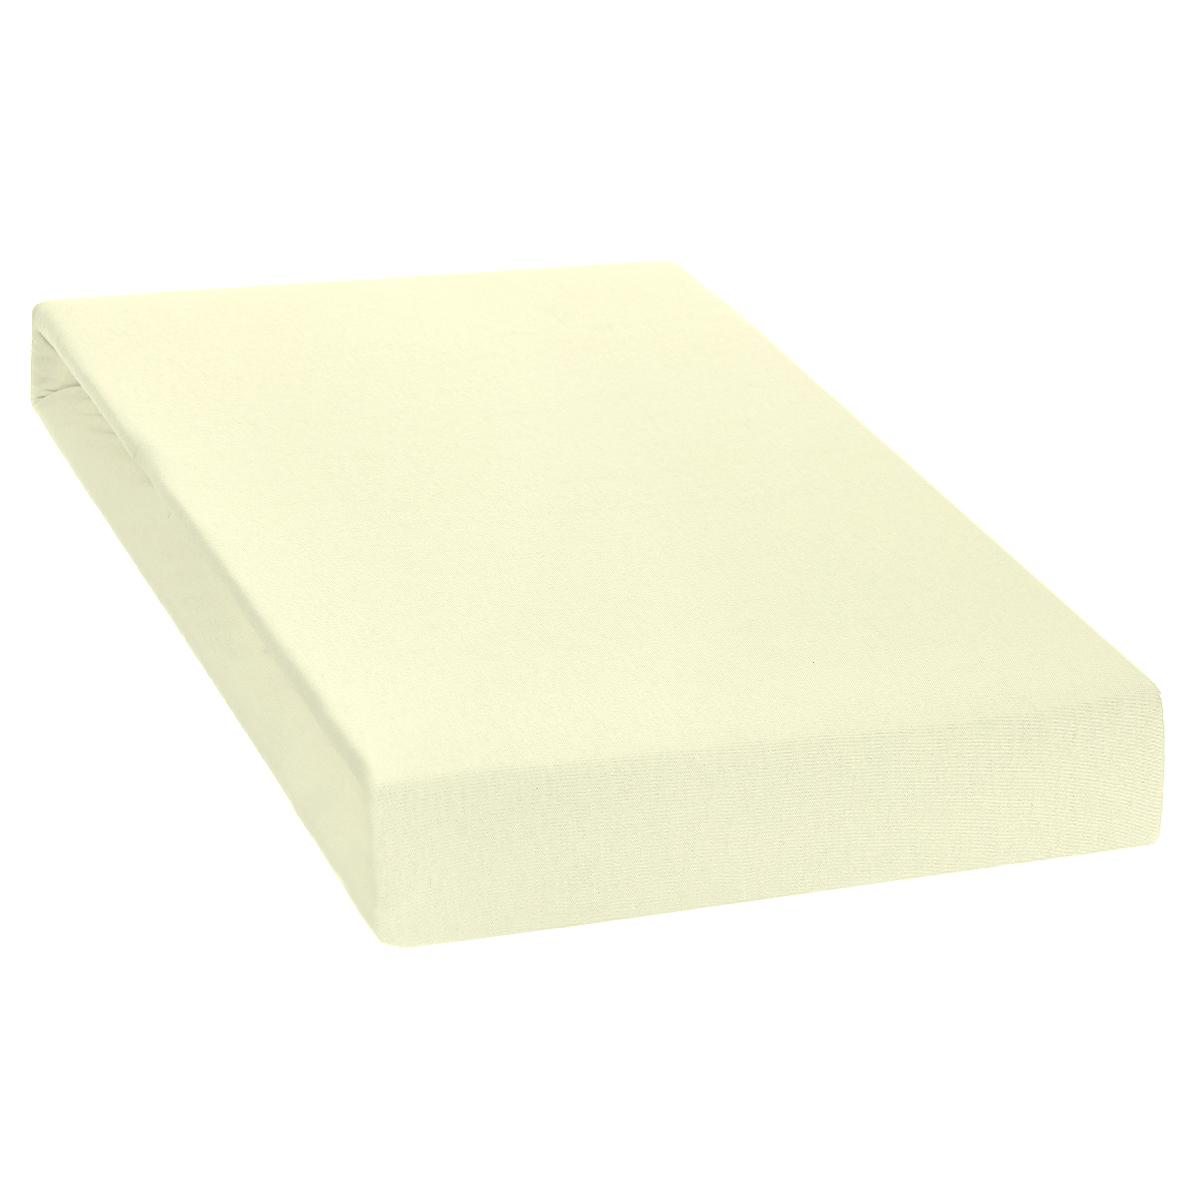 Простыня на резинке Tete-a-Tete, цвет: лимон, 200 см х 200 смТ-ПР-6011Однотонная простыня на резинке Tete-a-Tete выполнена из натурального хлопка. Высочайшее качество материала гарантирует безопасность не только взрослых, но и самых маленьких членов семьи. Простыня гармонично впишется в интерьер вашего дома и создаст атмосферу уюта и комфорта. Особенности коллекции Tete-a-Tete: - выдерживает более 100 стирок практически без изменения внешнего вида, - модные цвета и стойкие оттенки, - минимальная усадка, - надежные резинки и износостойкая ткань, - безупречное качество, - гиппоаллергенно. Коллекция Tete-a-Tete специально создана для практичных людей, которые ценят качество и долговечность вещей, окружают своих близких теплотой и заботой.